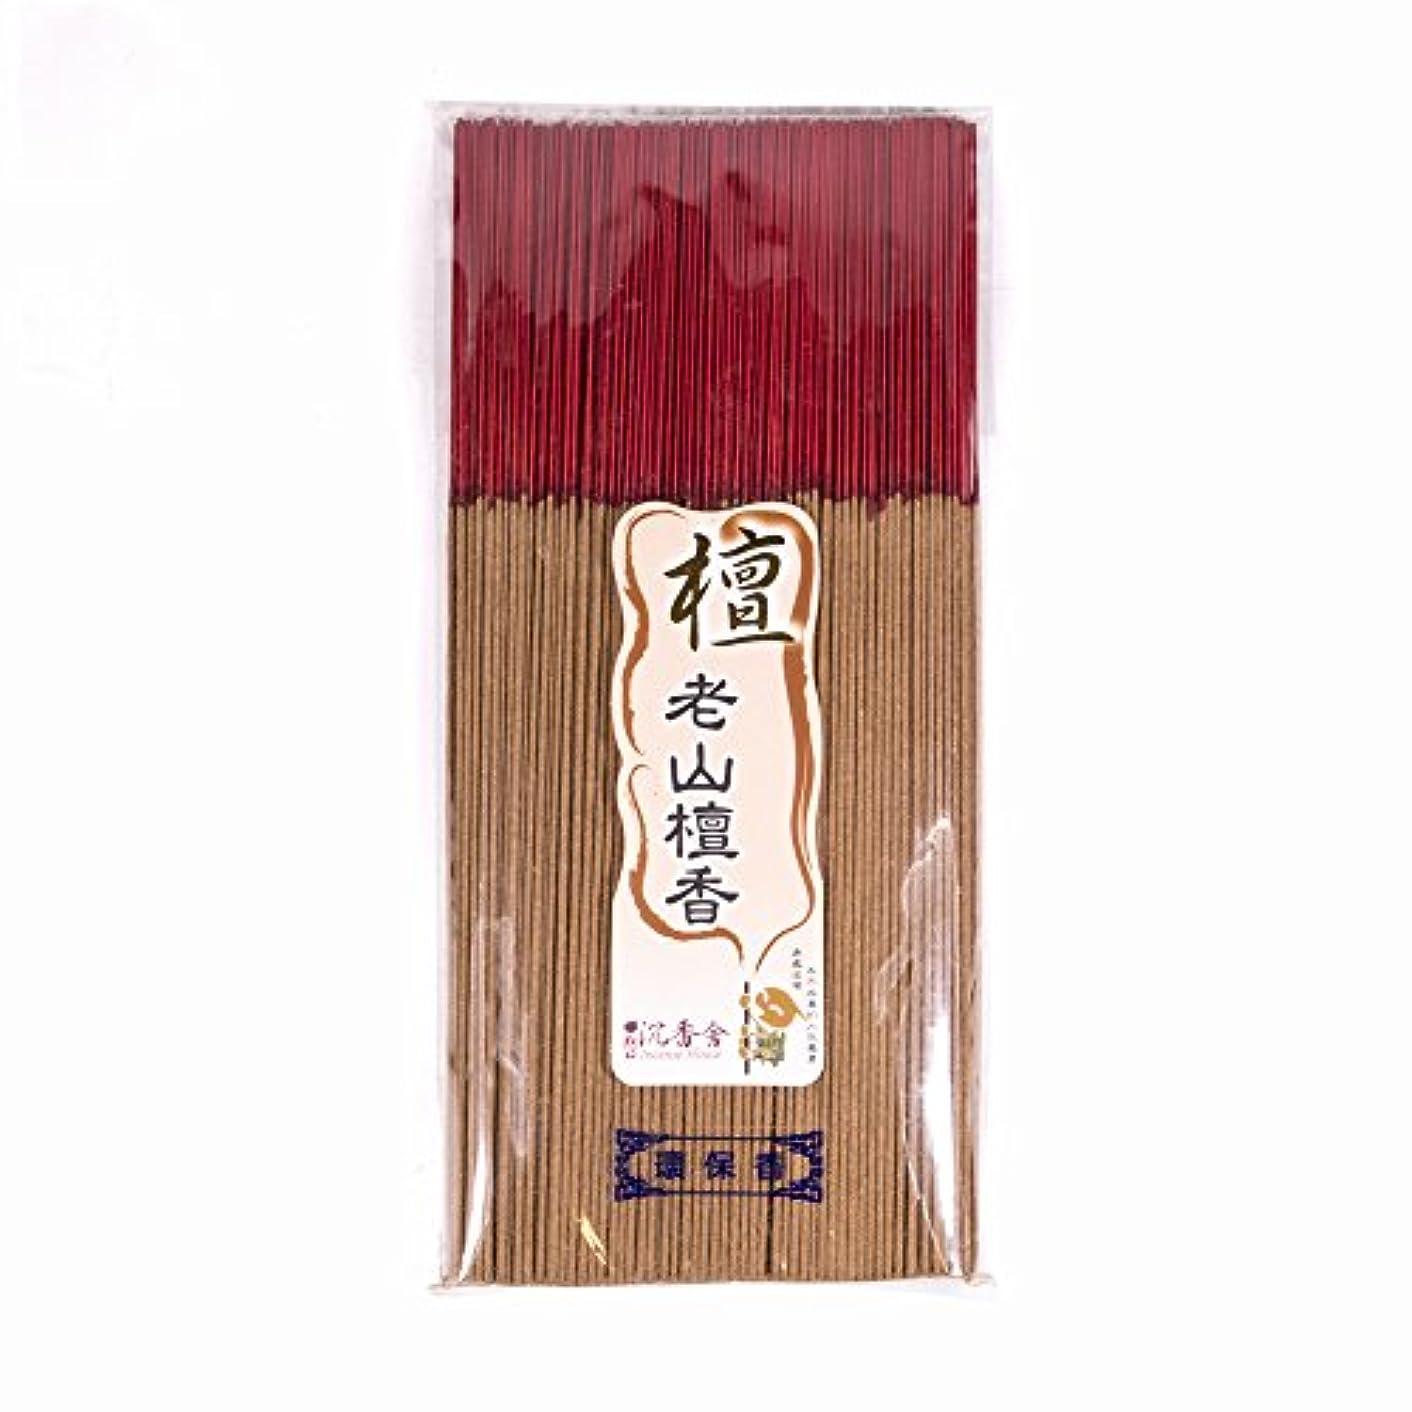 テナント神秘的なライオネルグリーンストリート台湾沉香舍 老山檀香 台湾のお香家 - 檀香 30cm (木支香) 300g 約400本